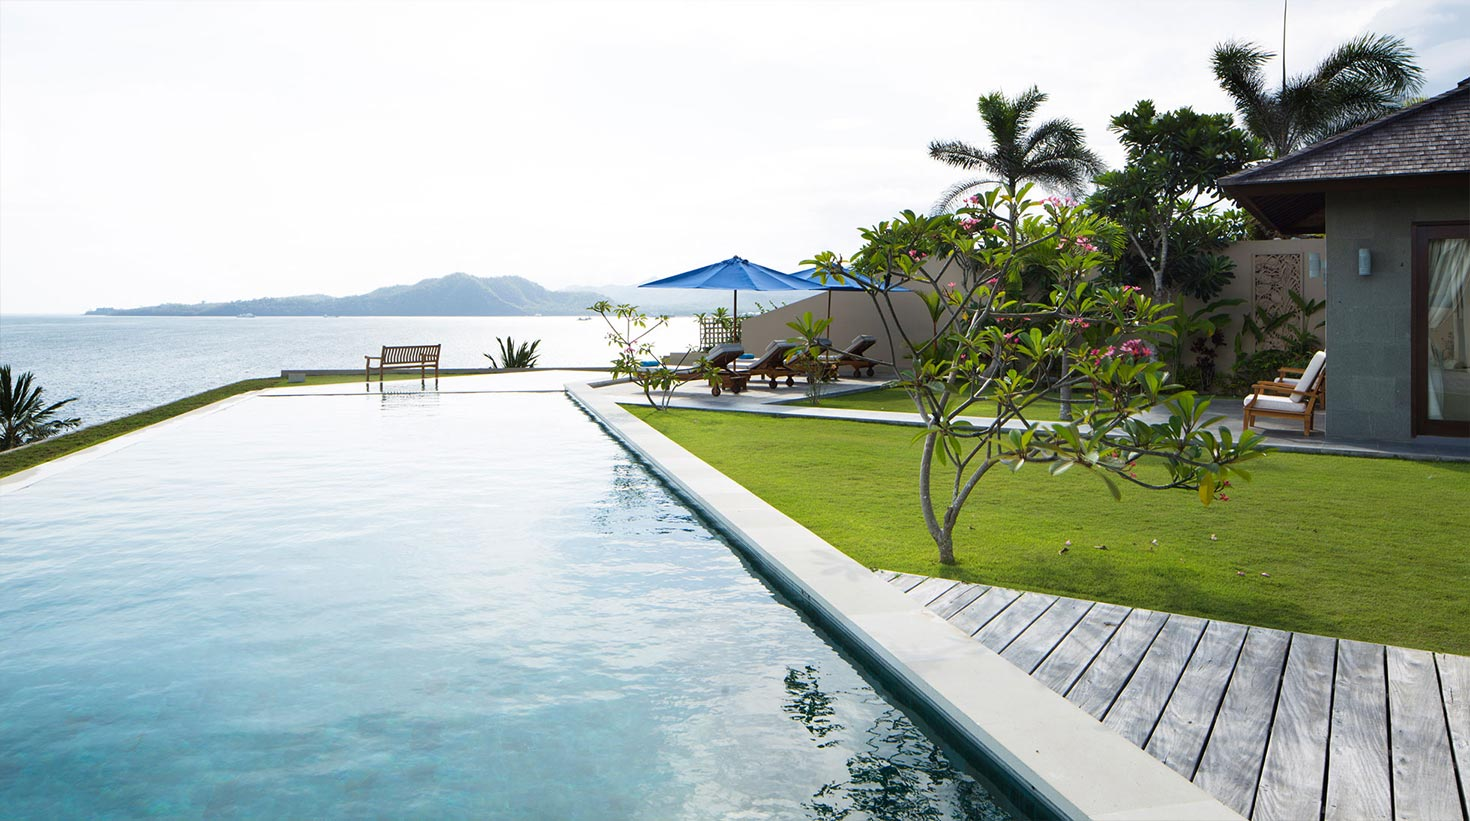 villa-bali-candidasa-luxury-with-beautiful-view